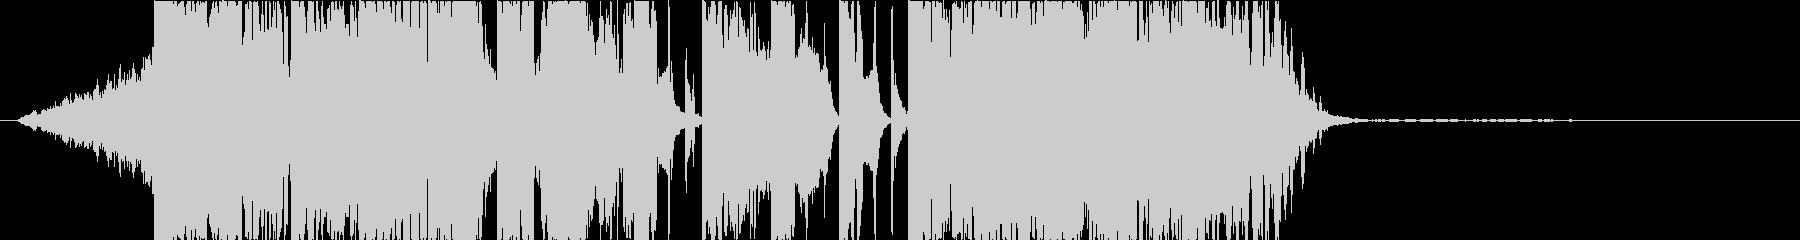 DUBSTEP クール ジングル135の未再生の波形